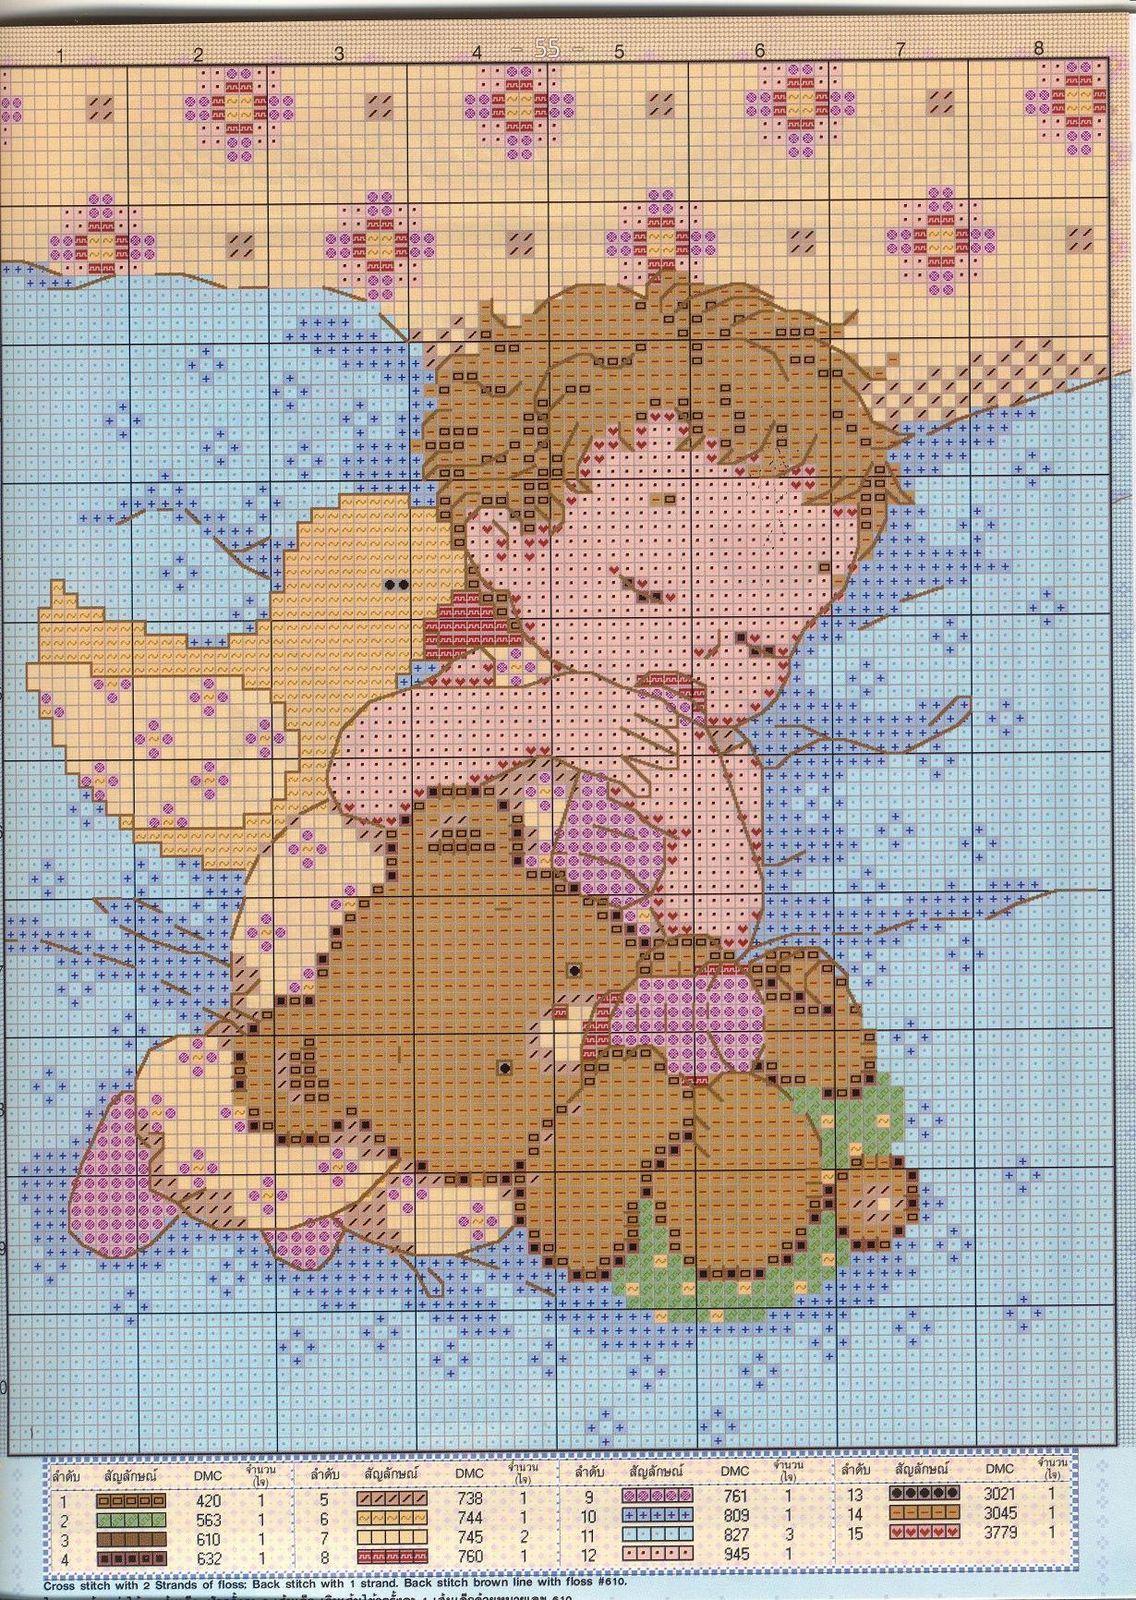 Schemi Elettrici Per Bambini : Schemi di disegni per bambini a punto croce fare una